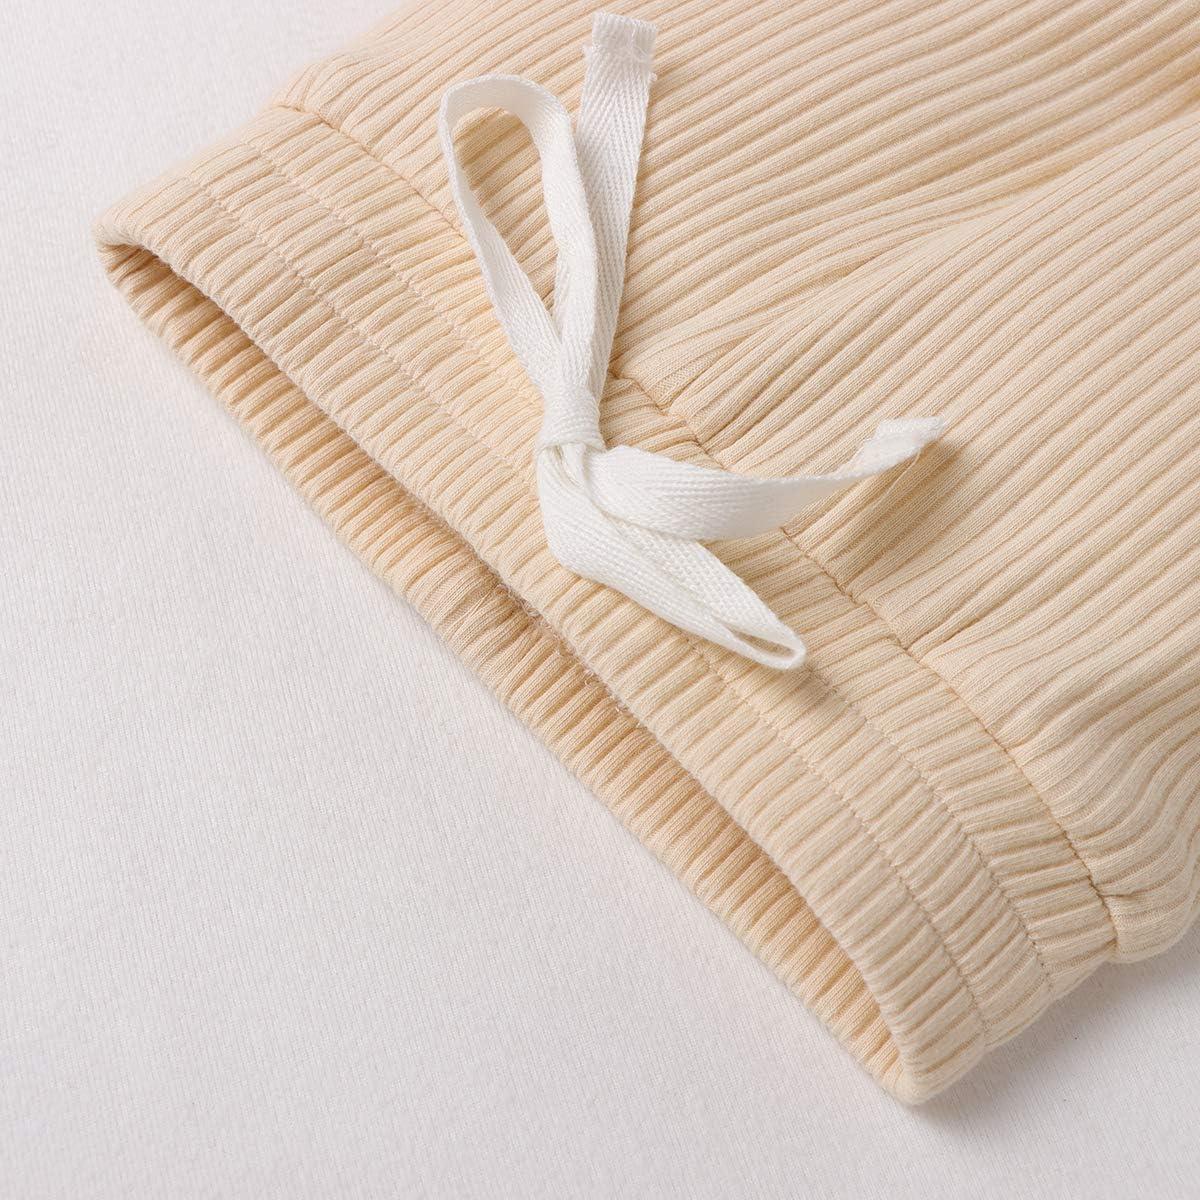 Neugeborene Outfits Baby Jungen M/ädchen Nachtw/äsche Pyjamas Sets Langarm Strampler Hosen Einfarbig Winter Warme Kleidung 0-24 Monate